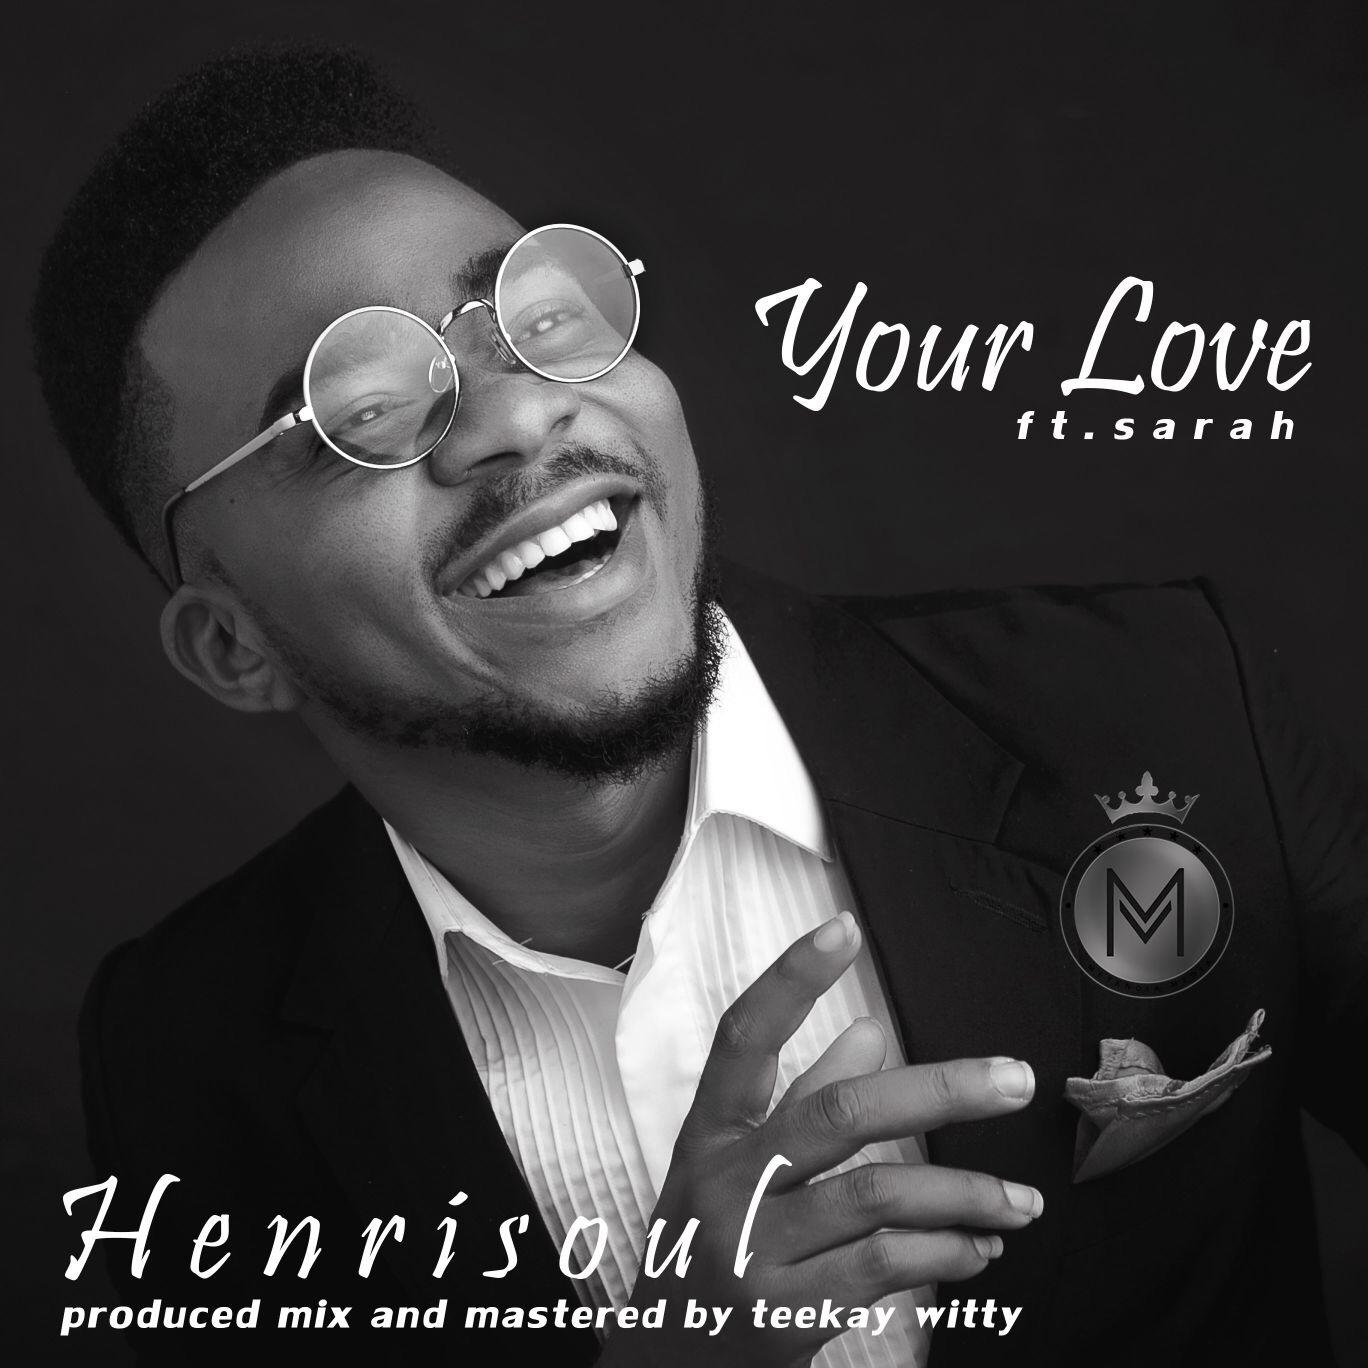 Henrisoul ft. Sarah - Your Love (Remix)